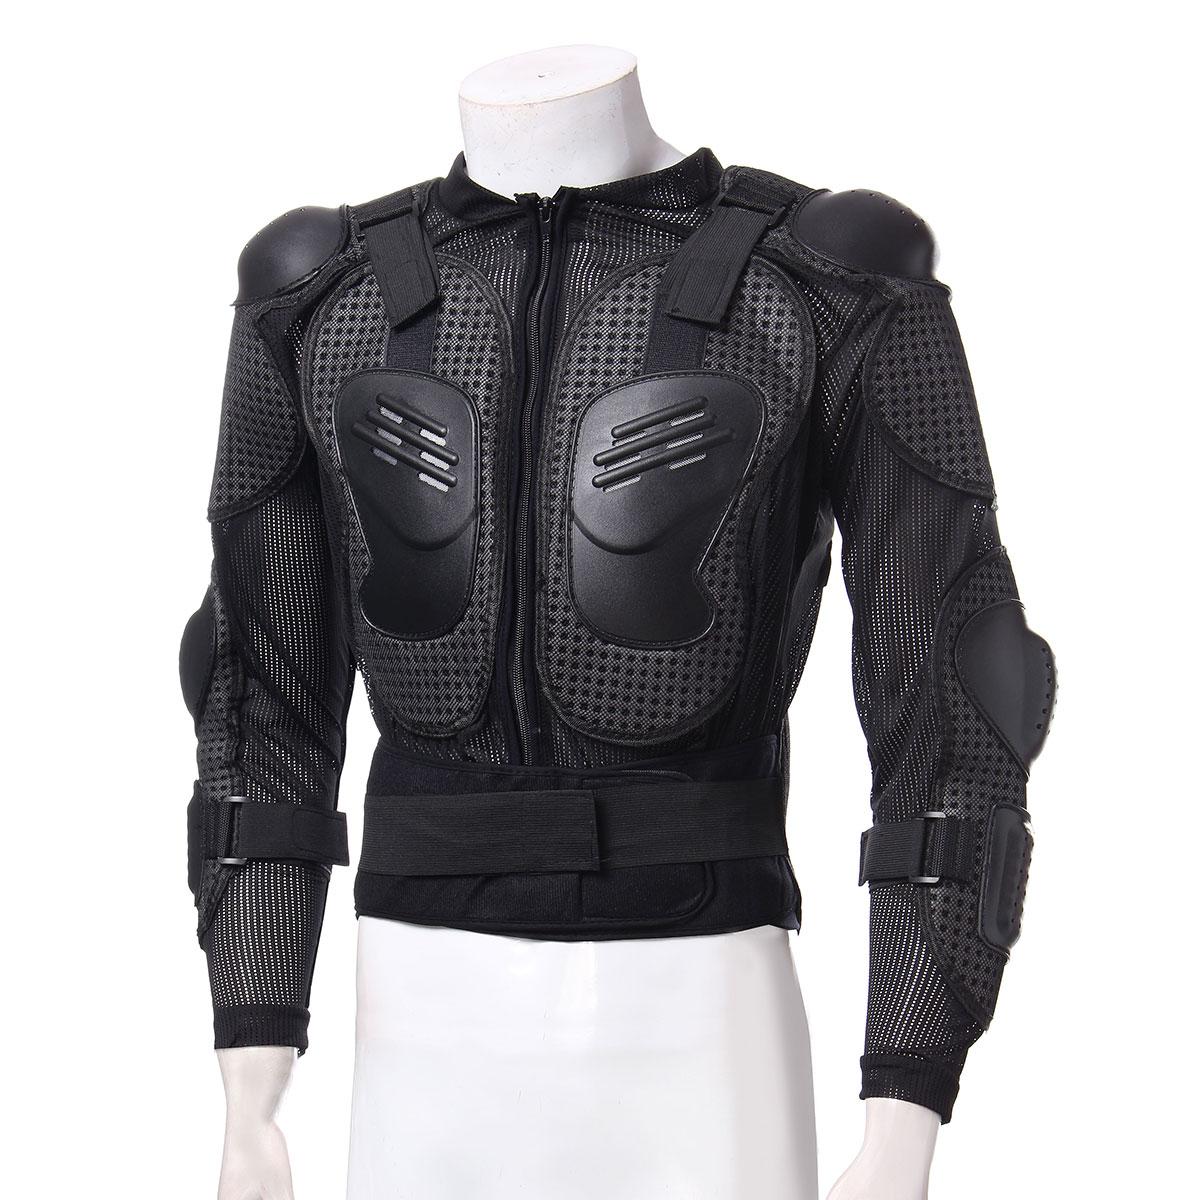 Armadura EUA Engrenagem Da Motocicleta Jacket Spine Proteção Equitação Ombro Corpo Cheio No Peito Sexy e cinto ajustável